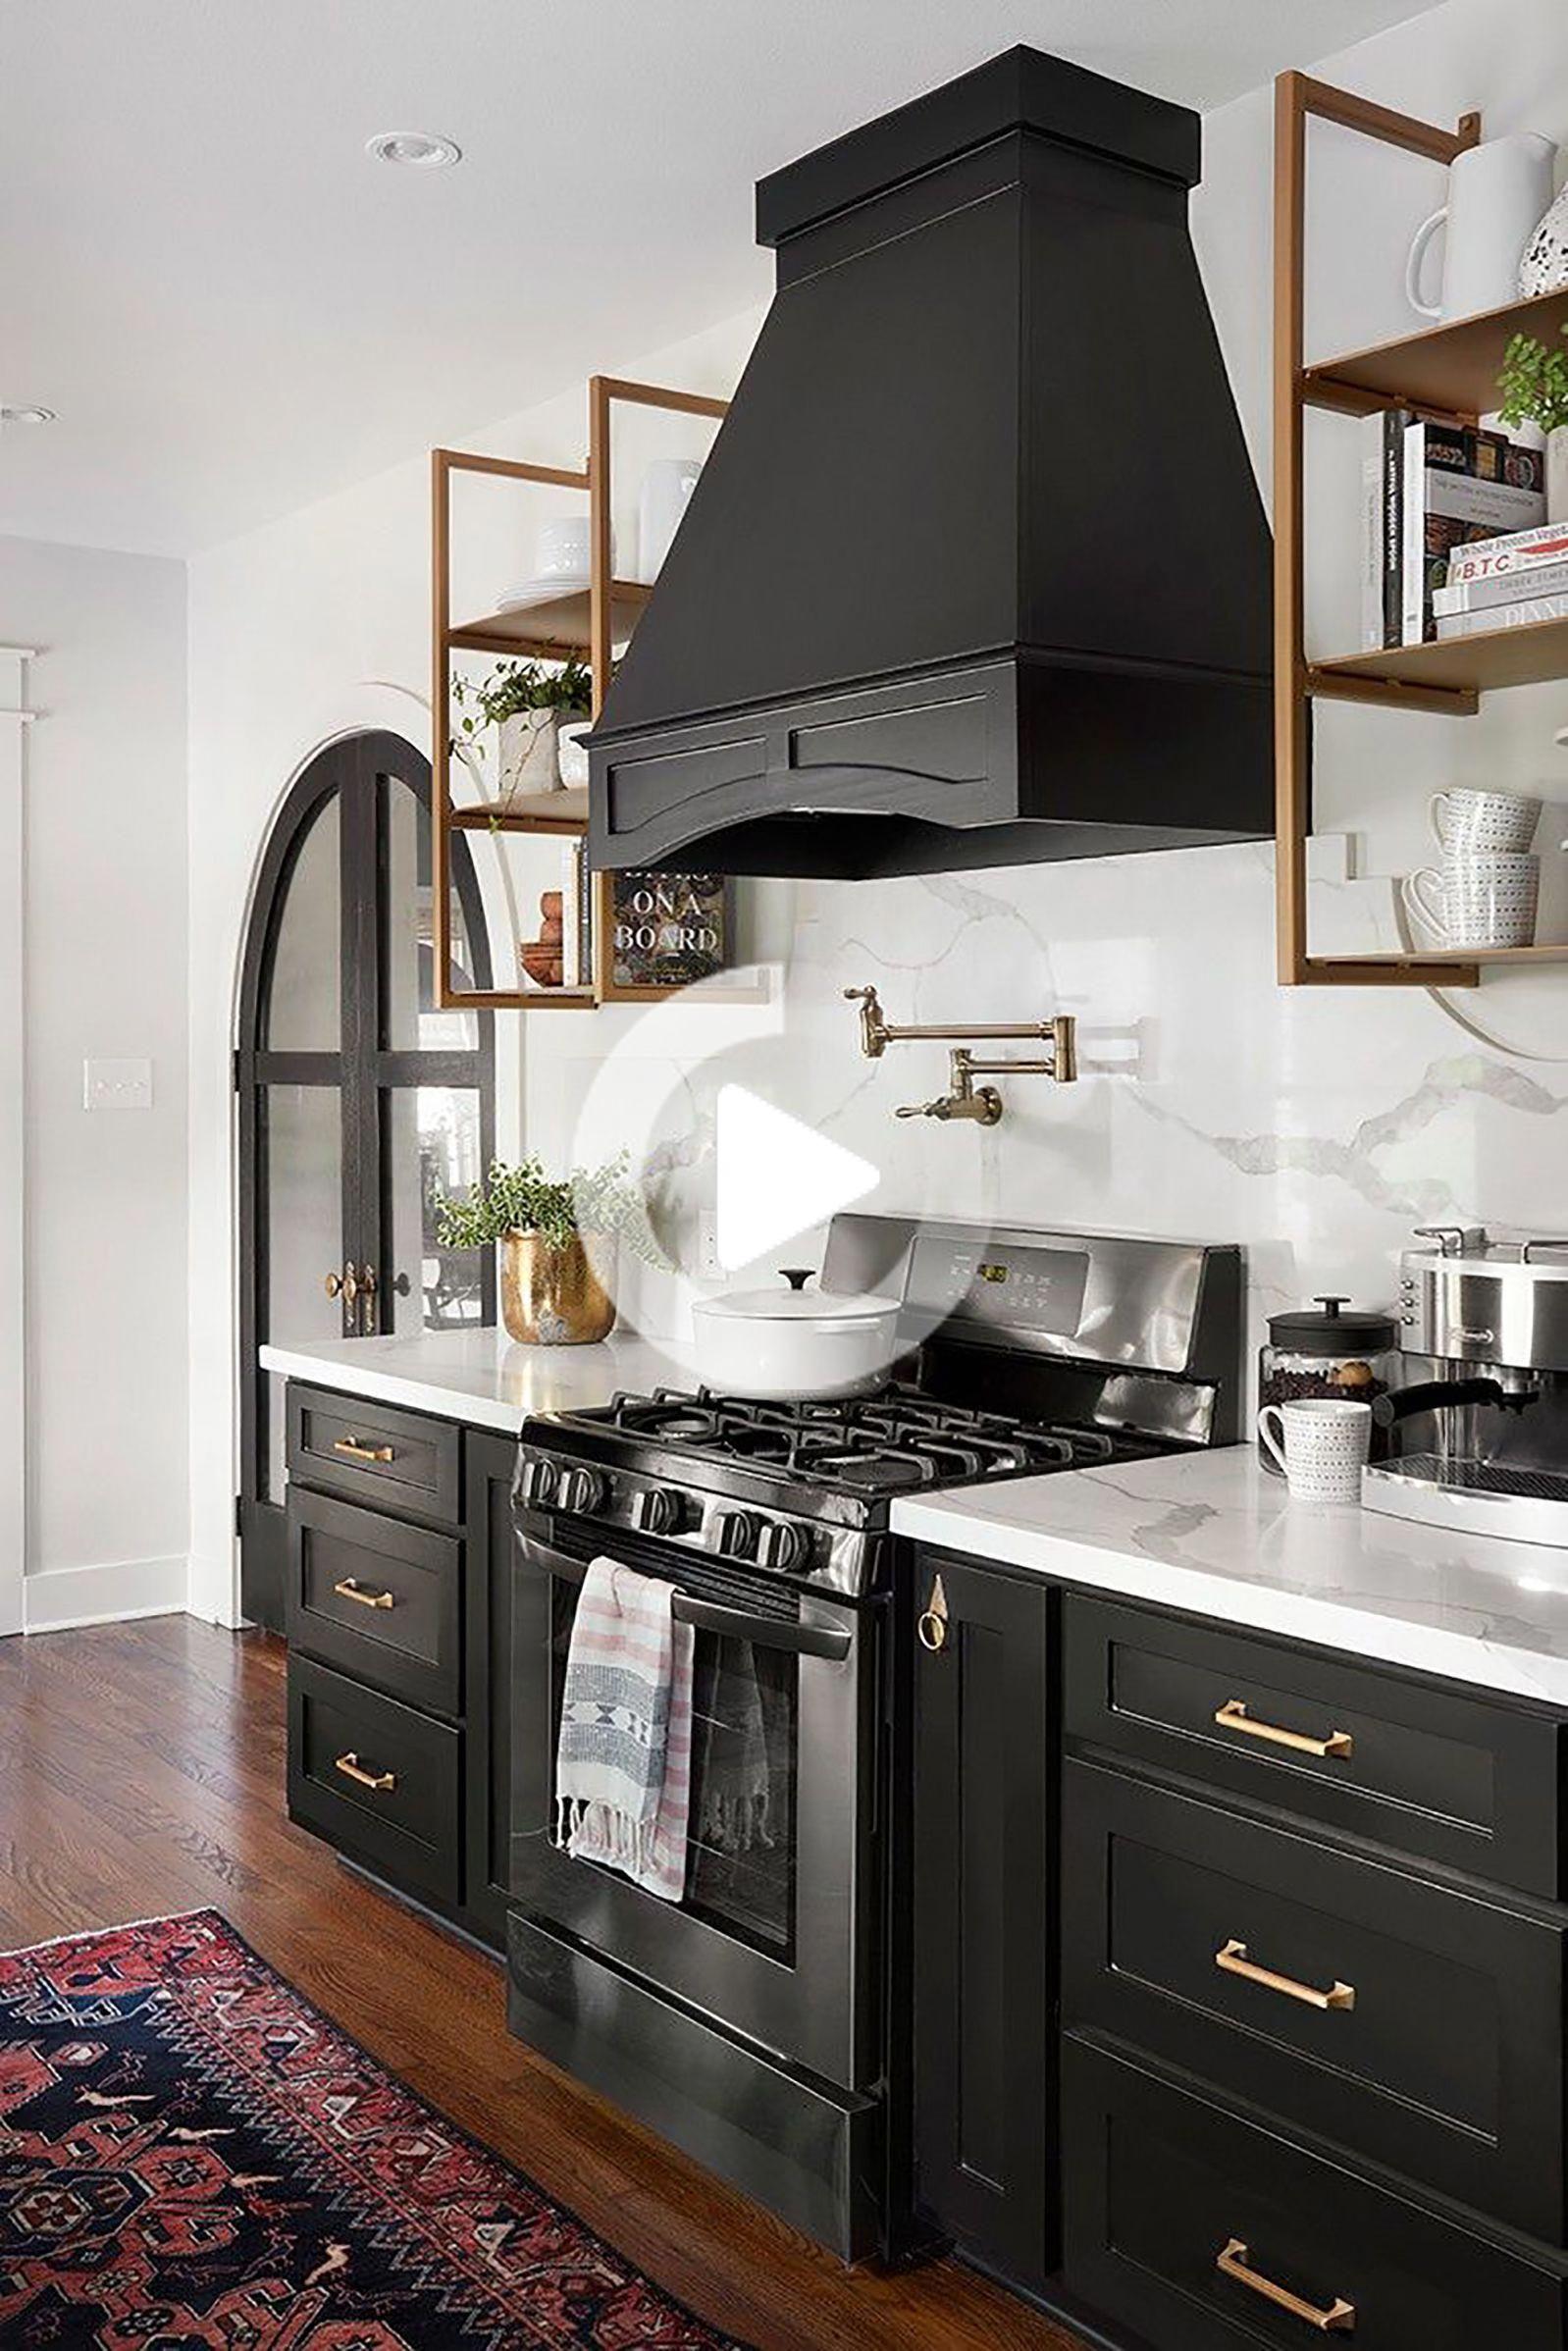 Small Kitchen Design In 2020 Interior Design Kitchen Kitchen Design Small Kitchen Renovation